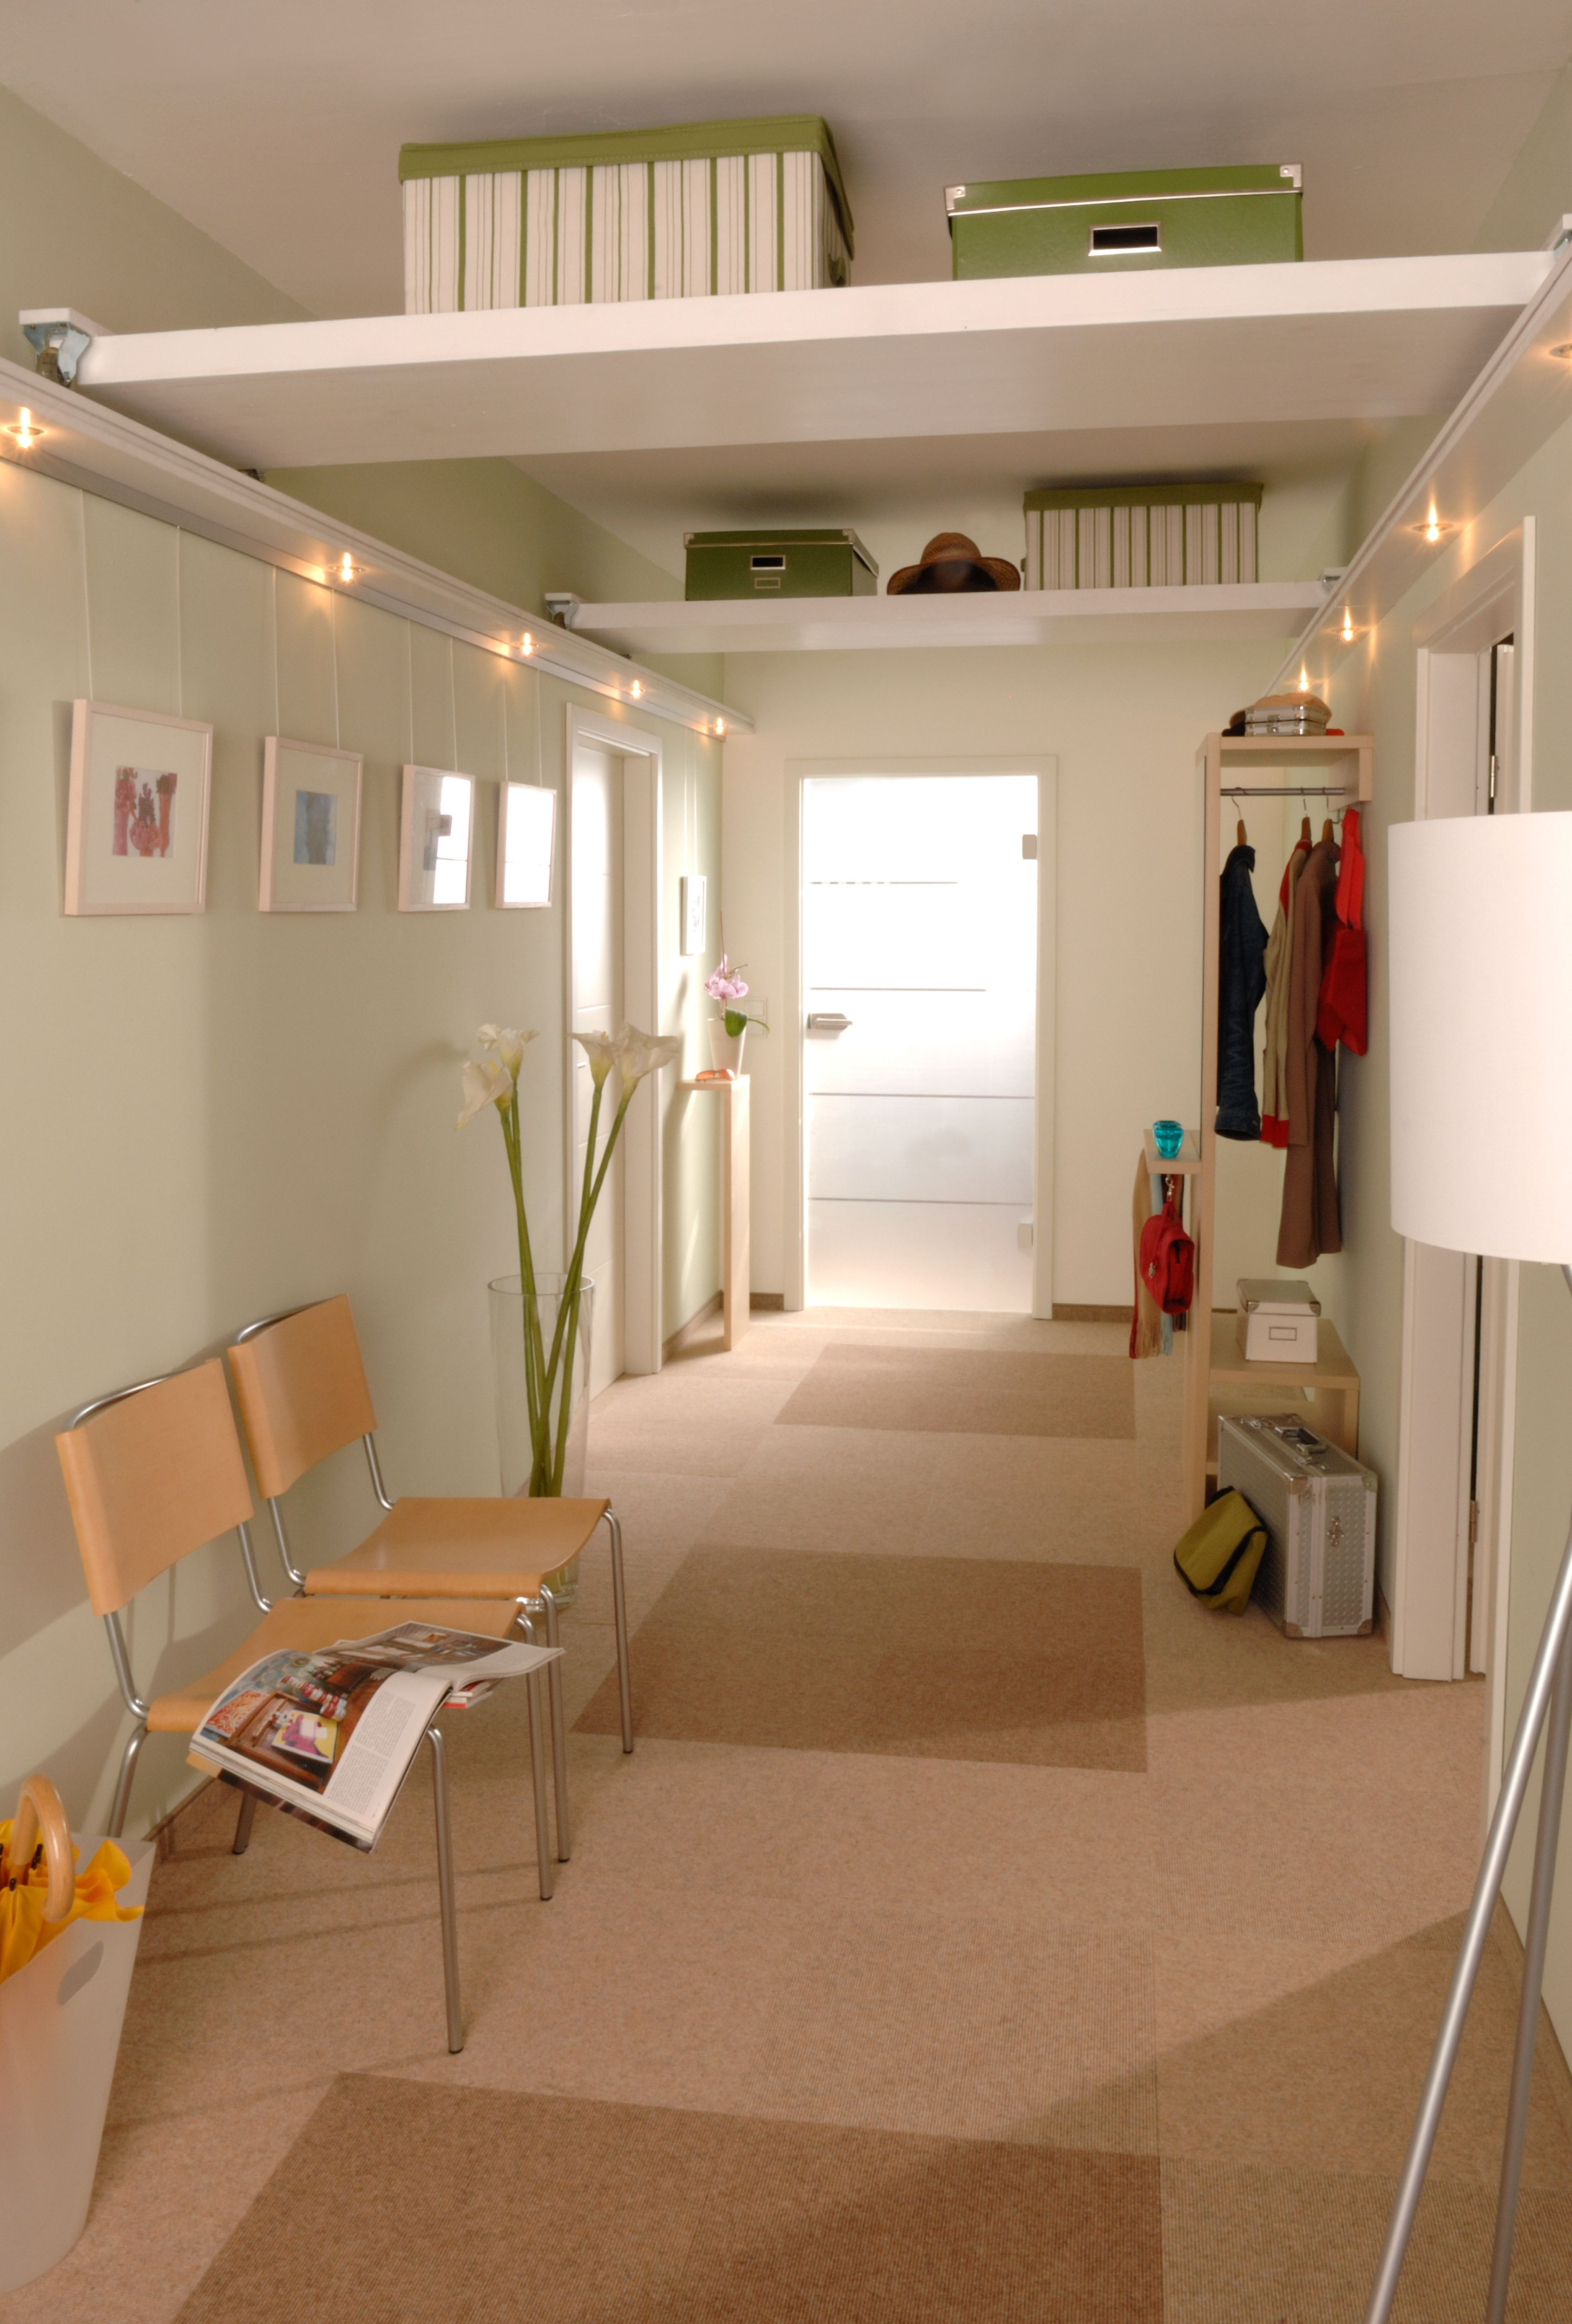 stauraum kann man nie genug haben nutzen sie doch einfach. Black Bedroom Furniture Sets. Home Design Ideas